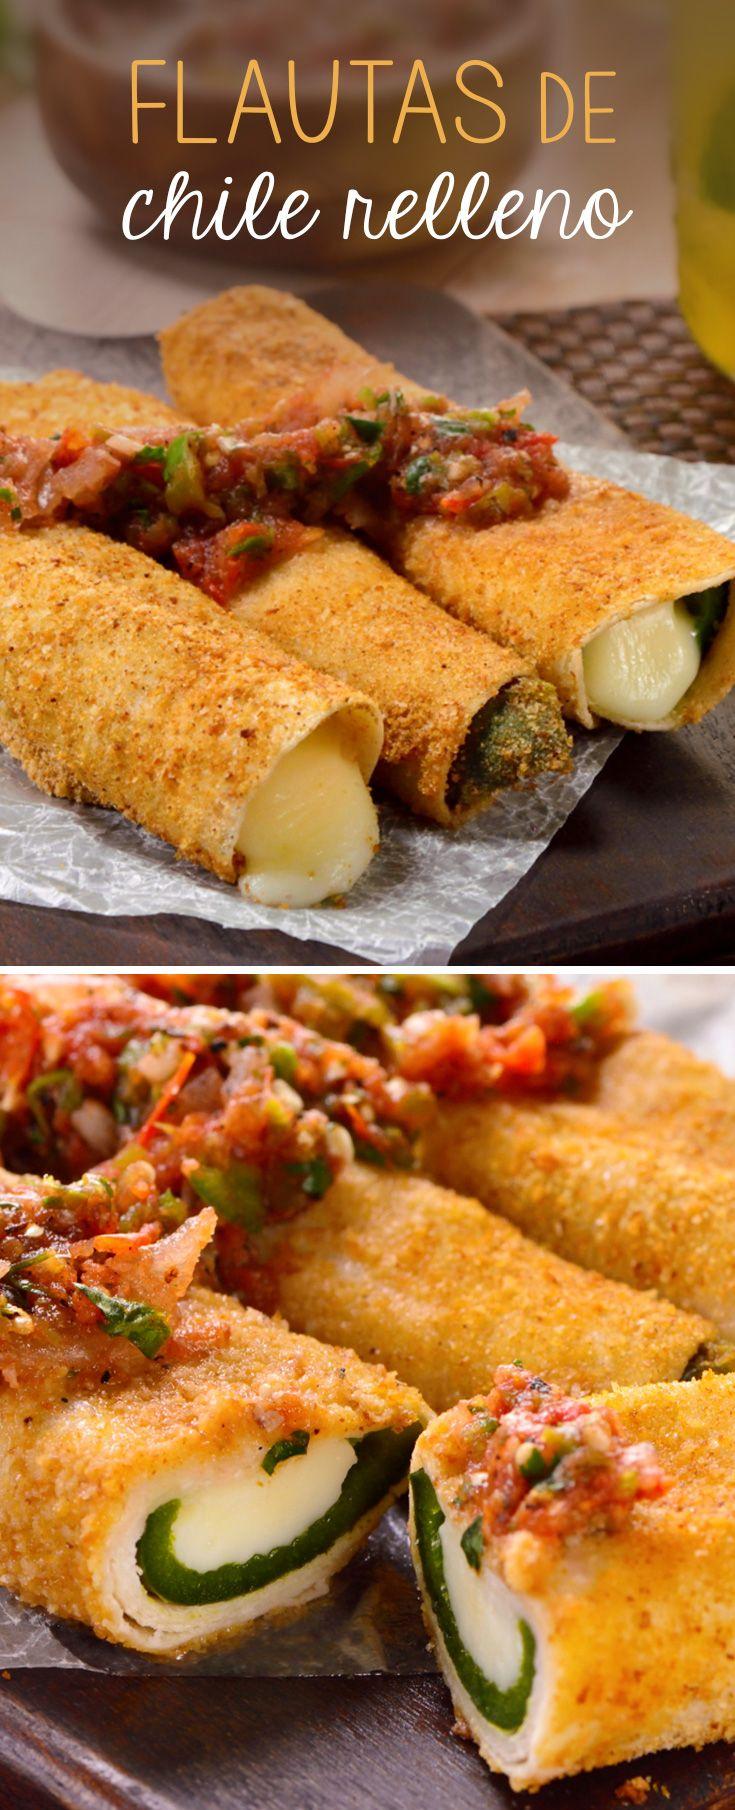 ¿Buscas una receta original? Estas flautas de chile poblano son tu mejor opción. Las empanizamos y rellenamos con queso gratinado, y las acompañamos de una salsa tatemada.